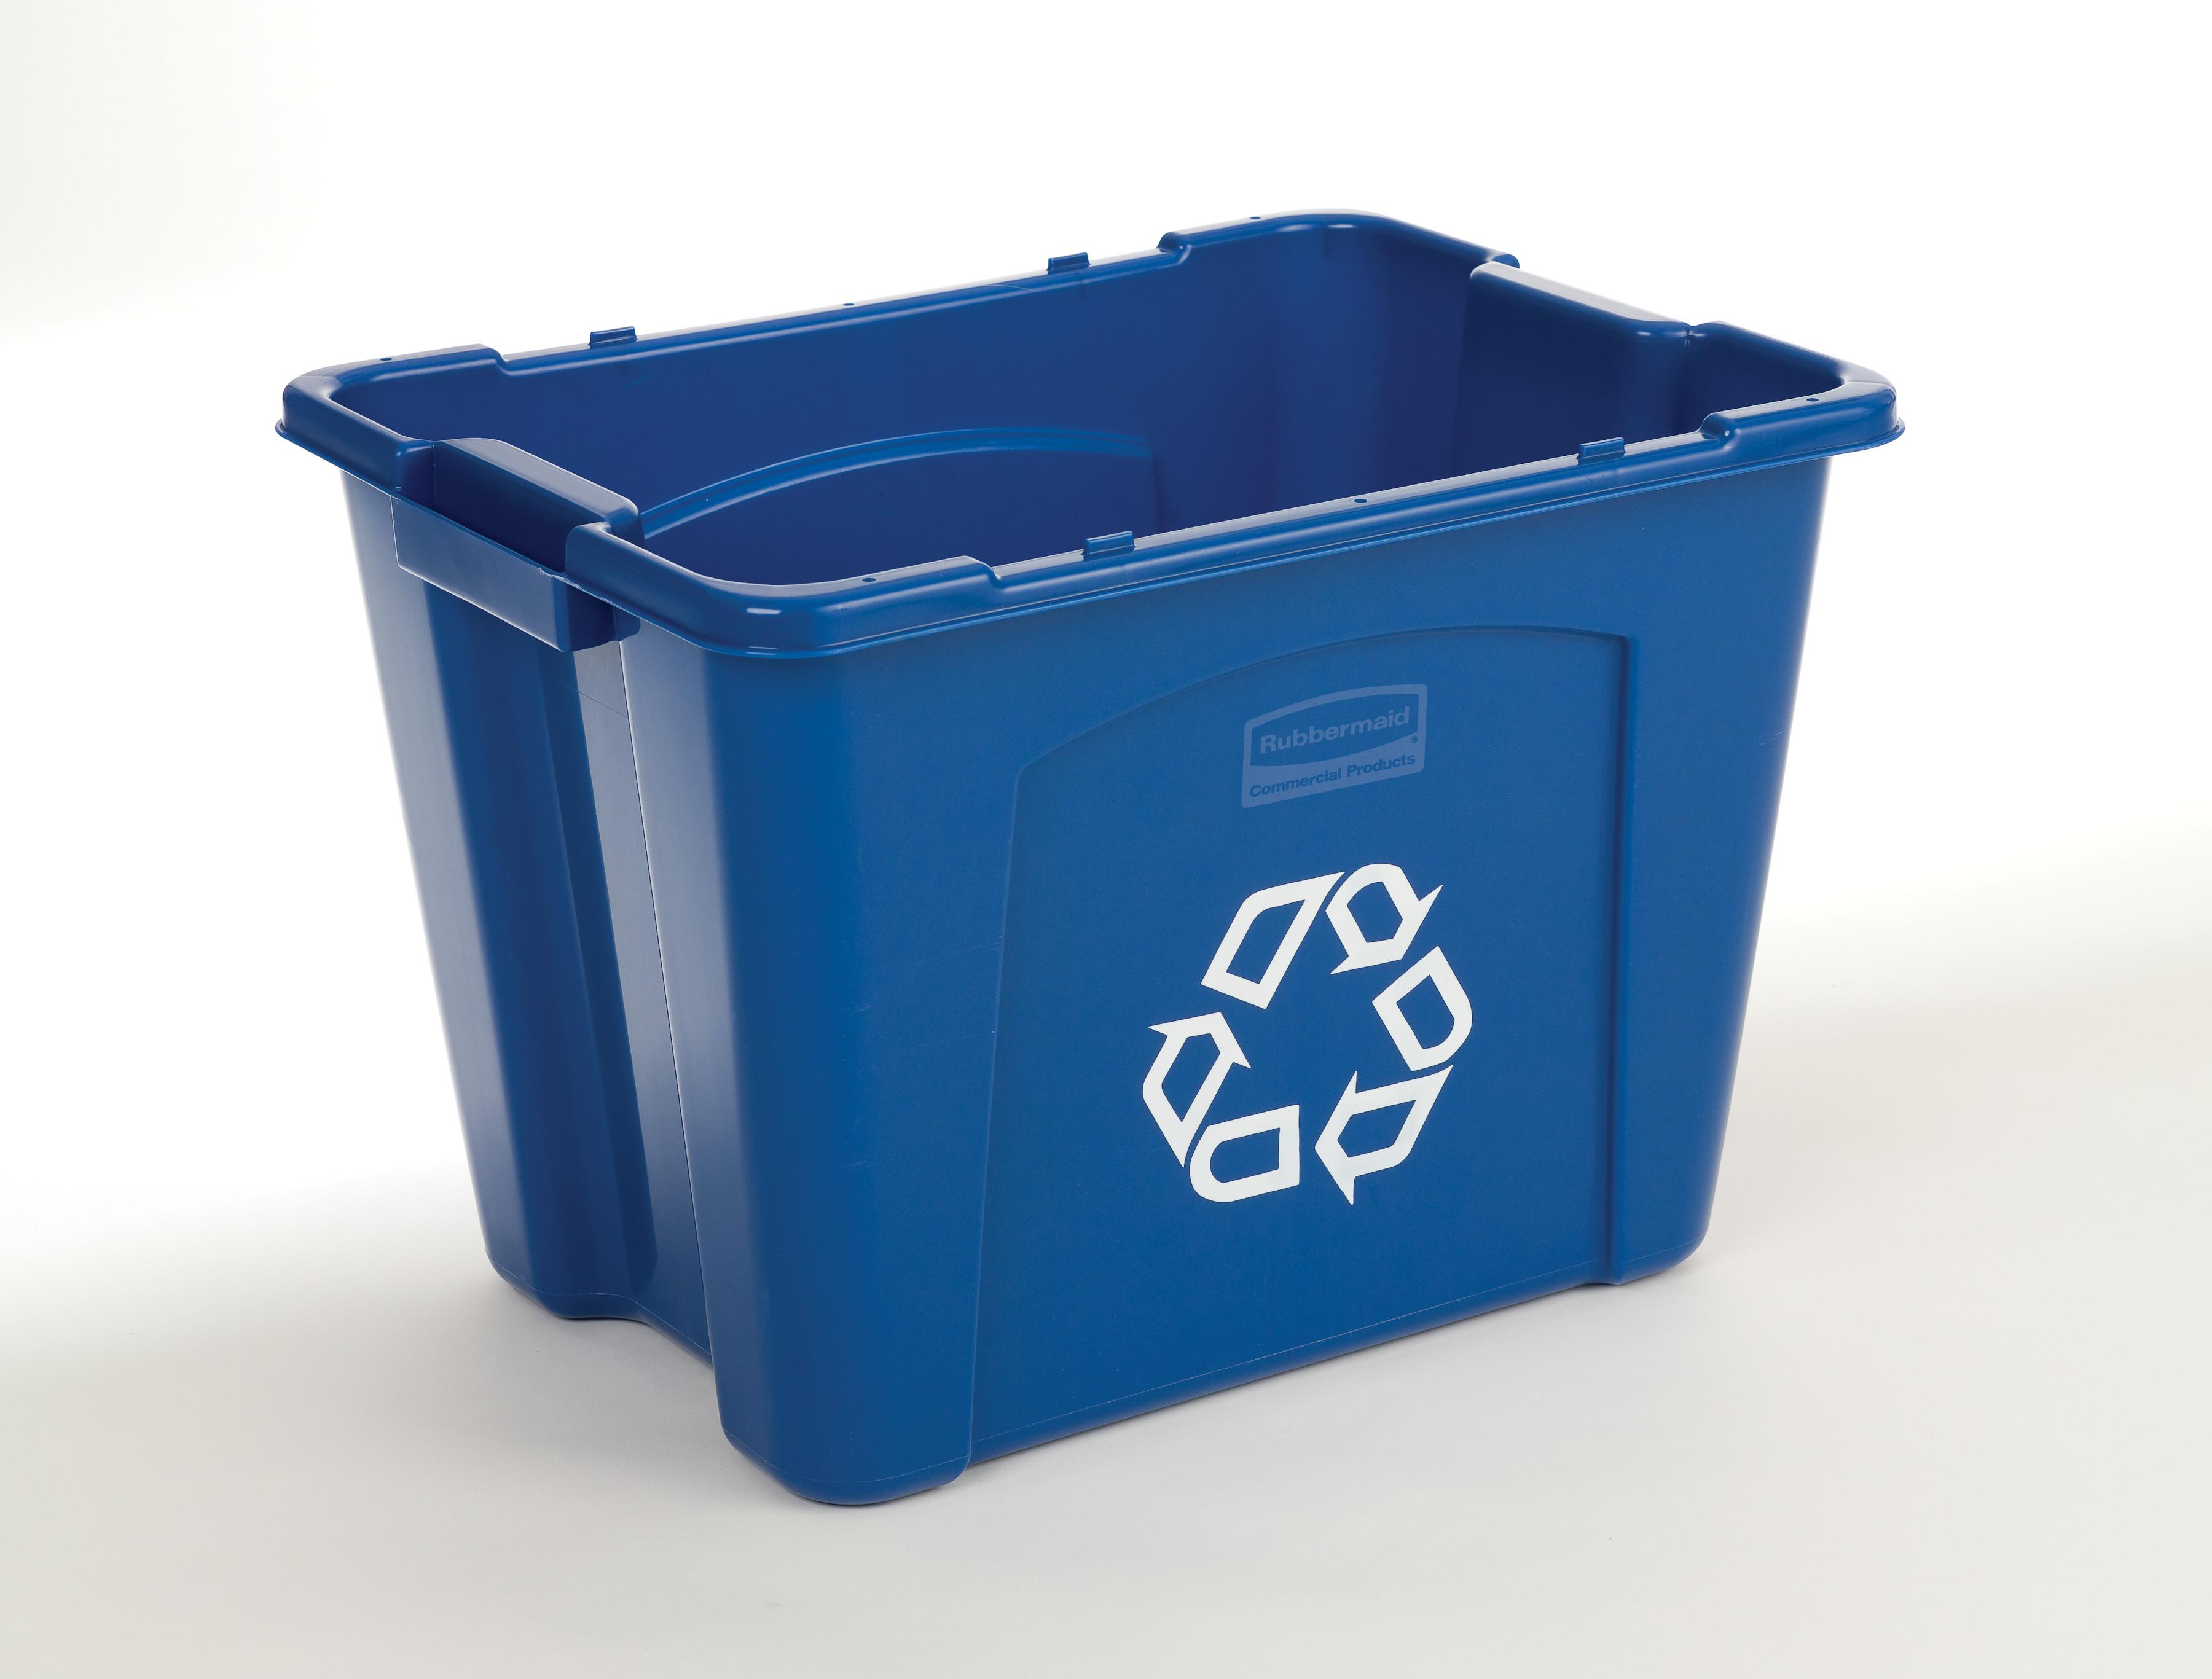 S/o 14G Blue;Recycling Box